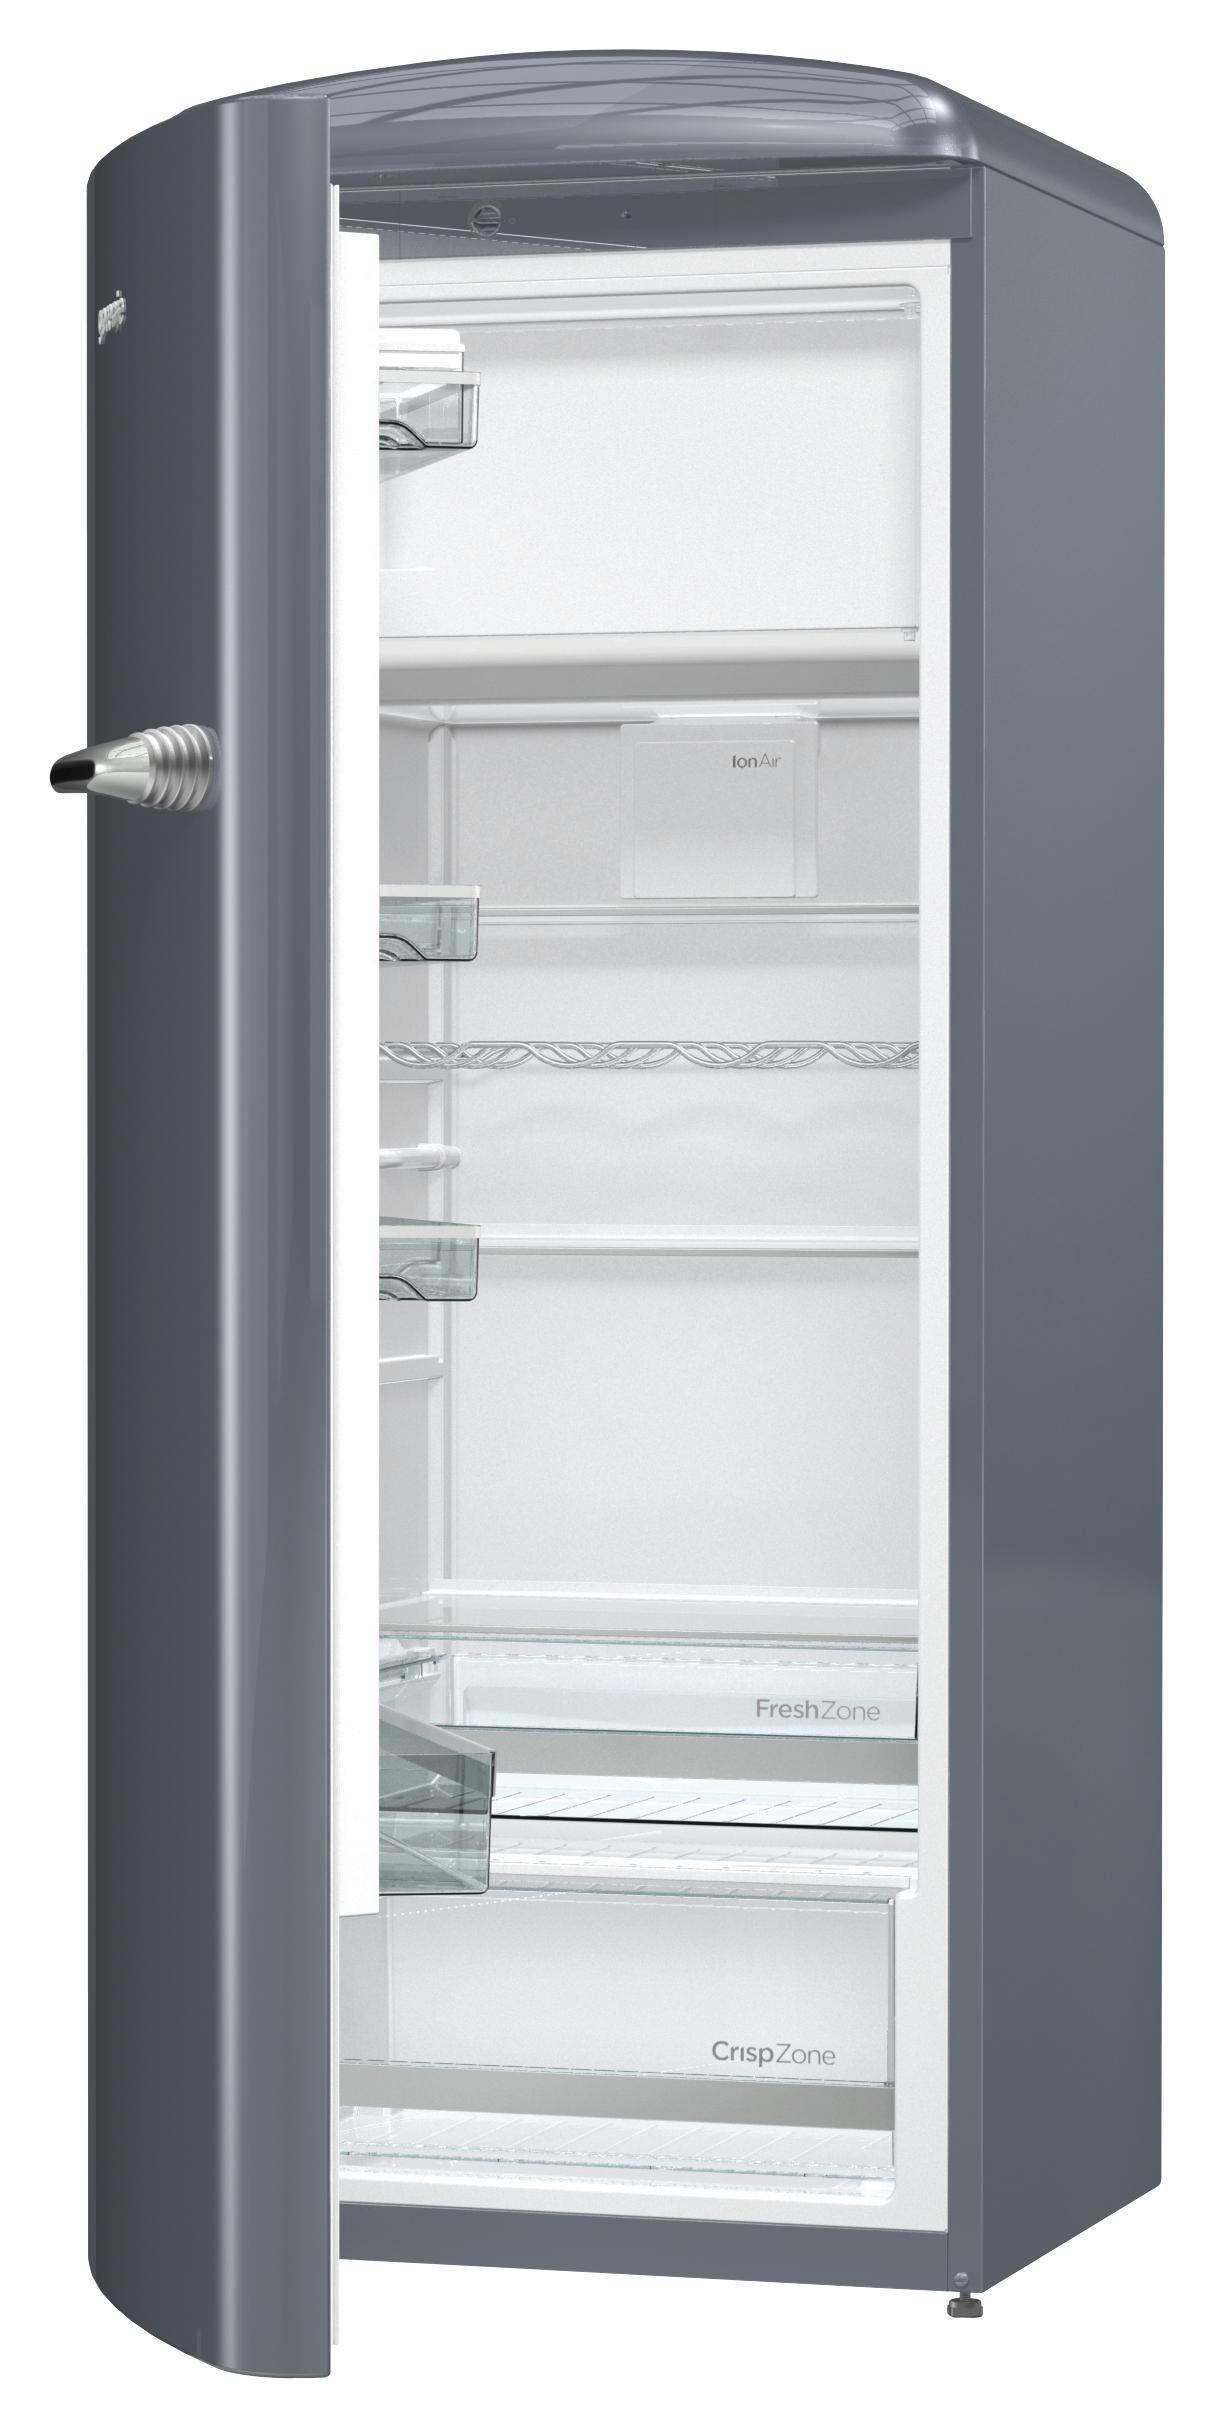 Gorenje Kühlschrank Mit Gefrierfach : Gorenje kühlschrank orb l online kaufen ➤ möbelix